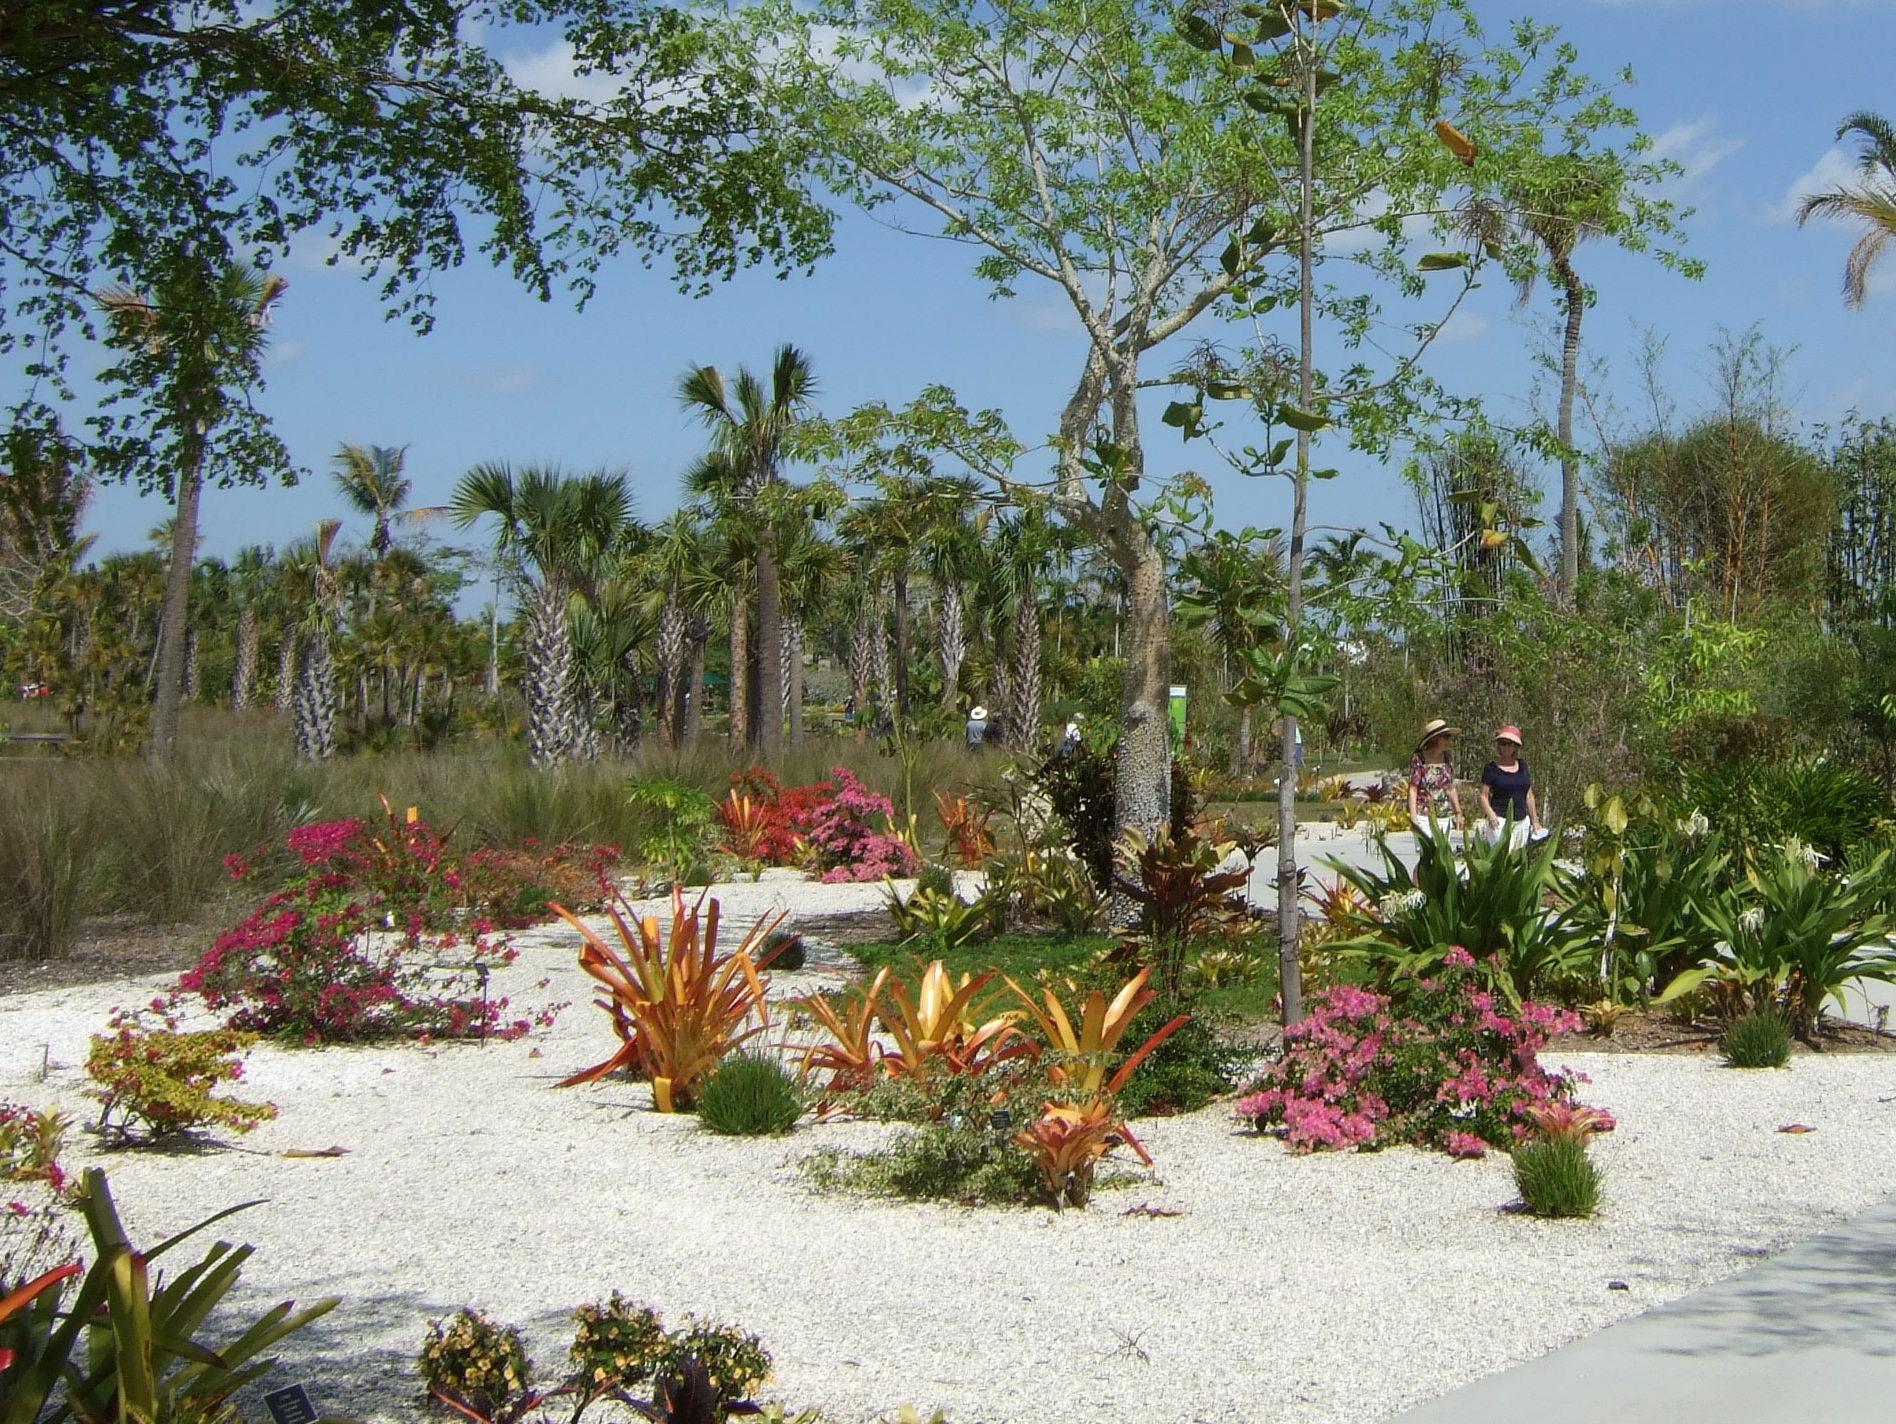 A Virtual Tour of a Botanical Garden   chester garden club